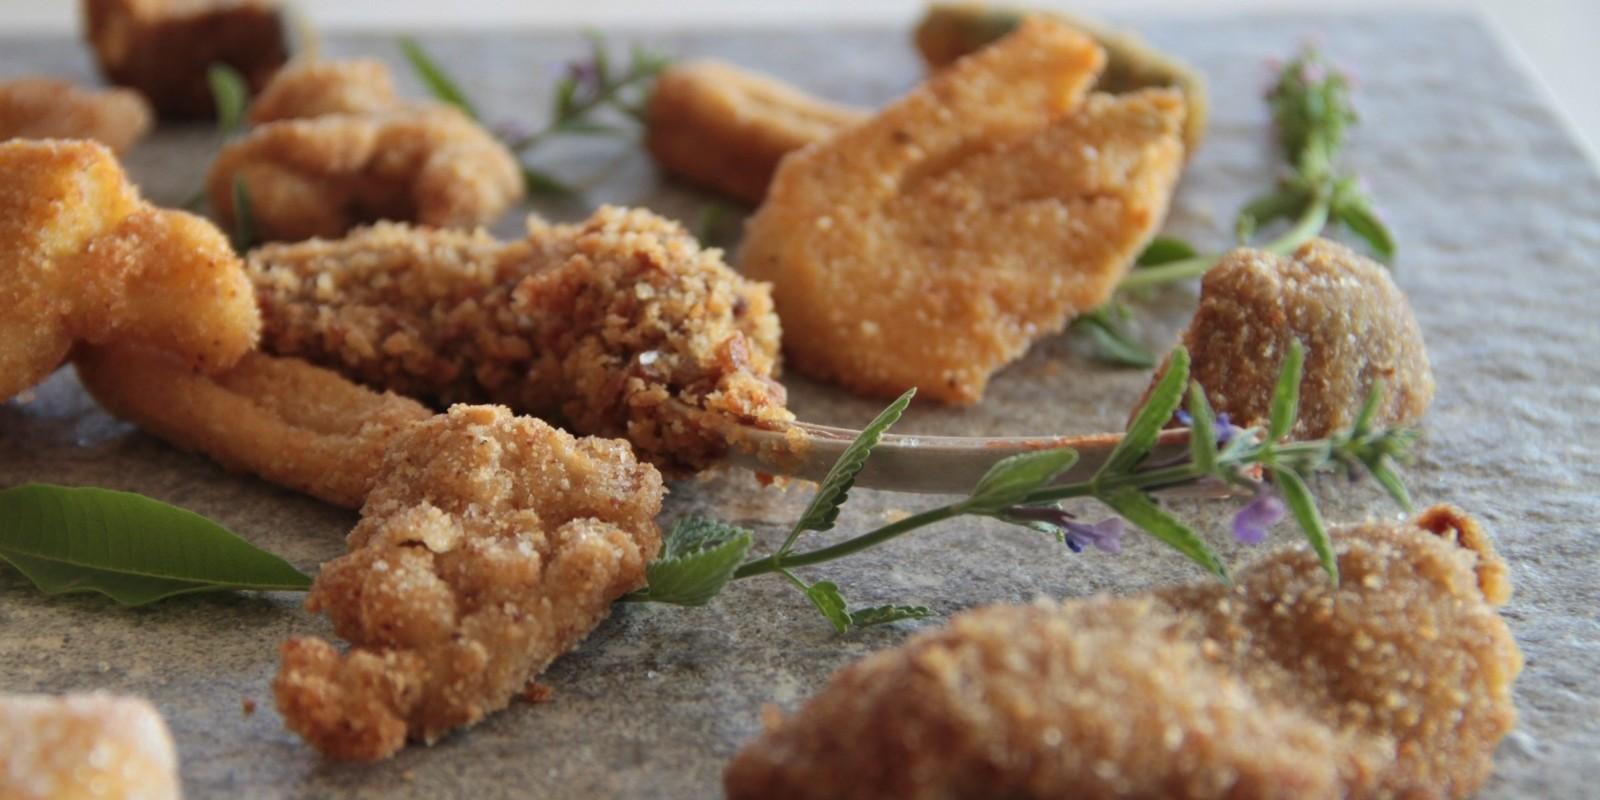 11 ristoranti dove mangiare la migliore cucina romana - Ristoranti Cucina Romana